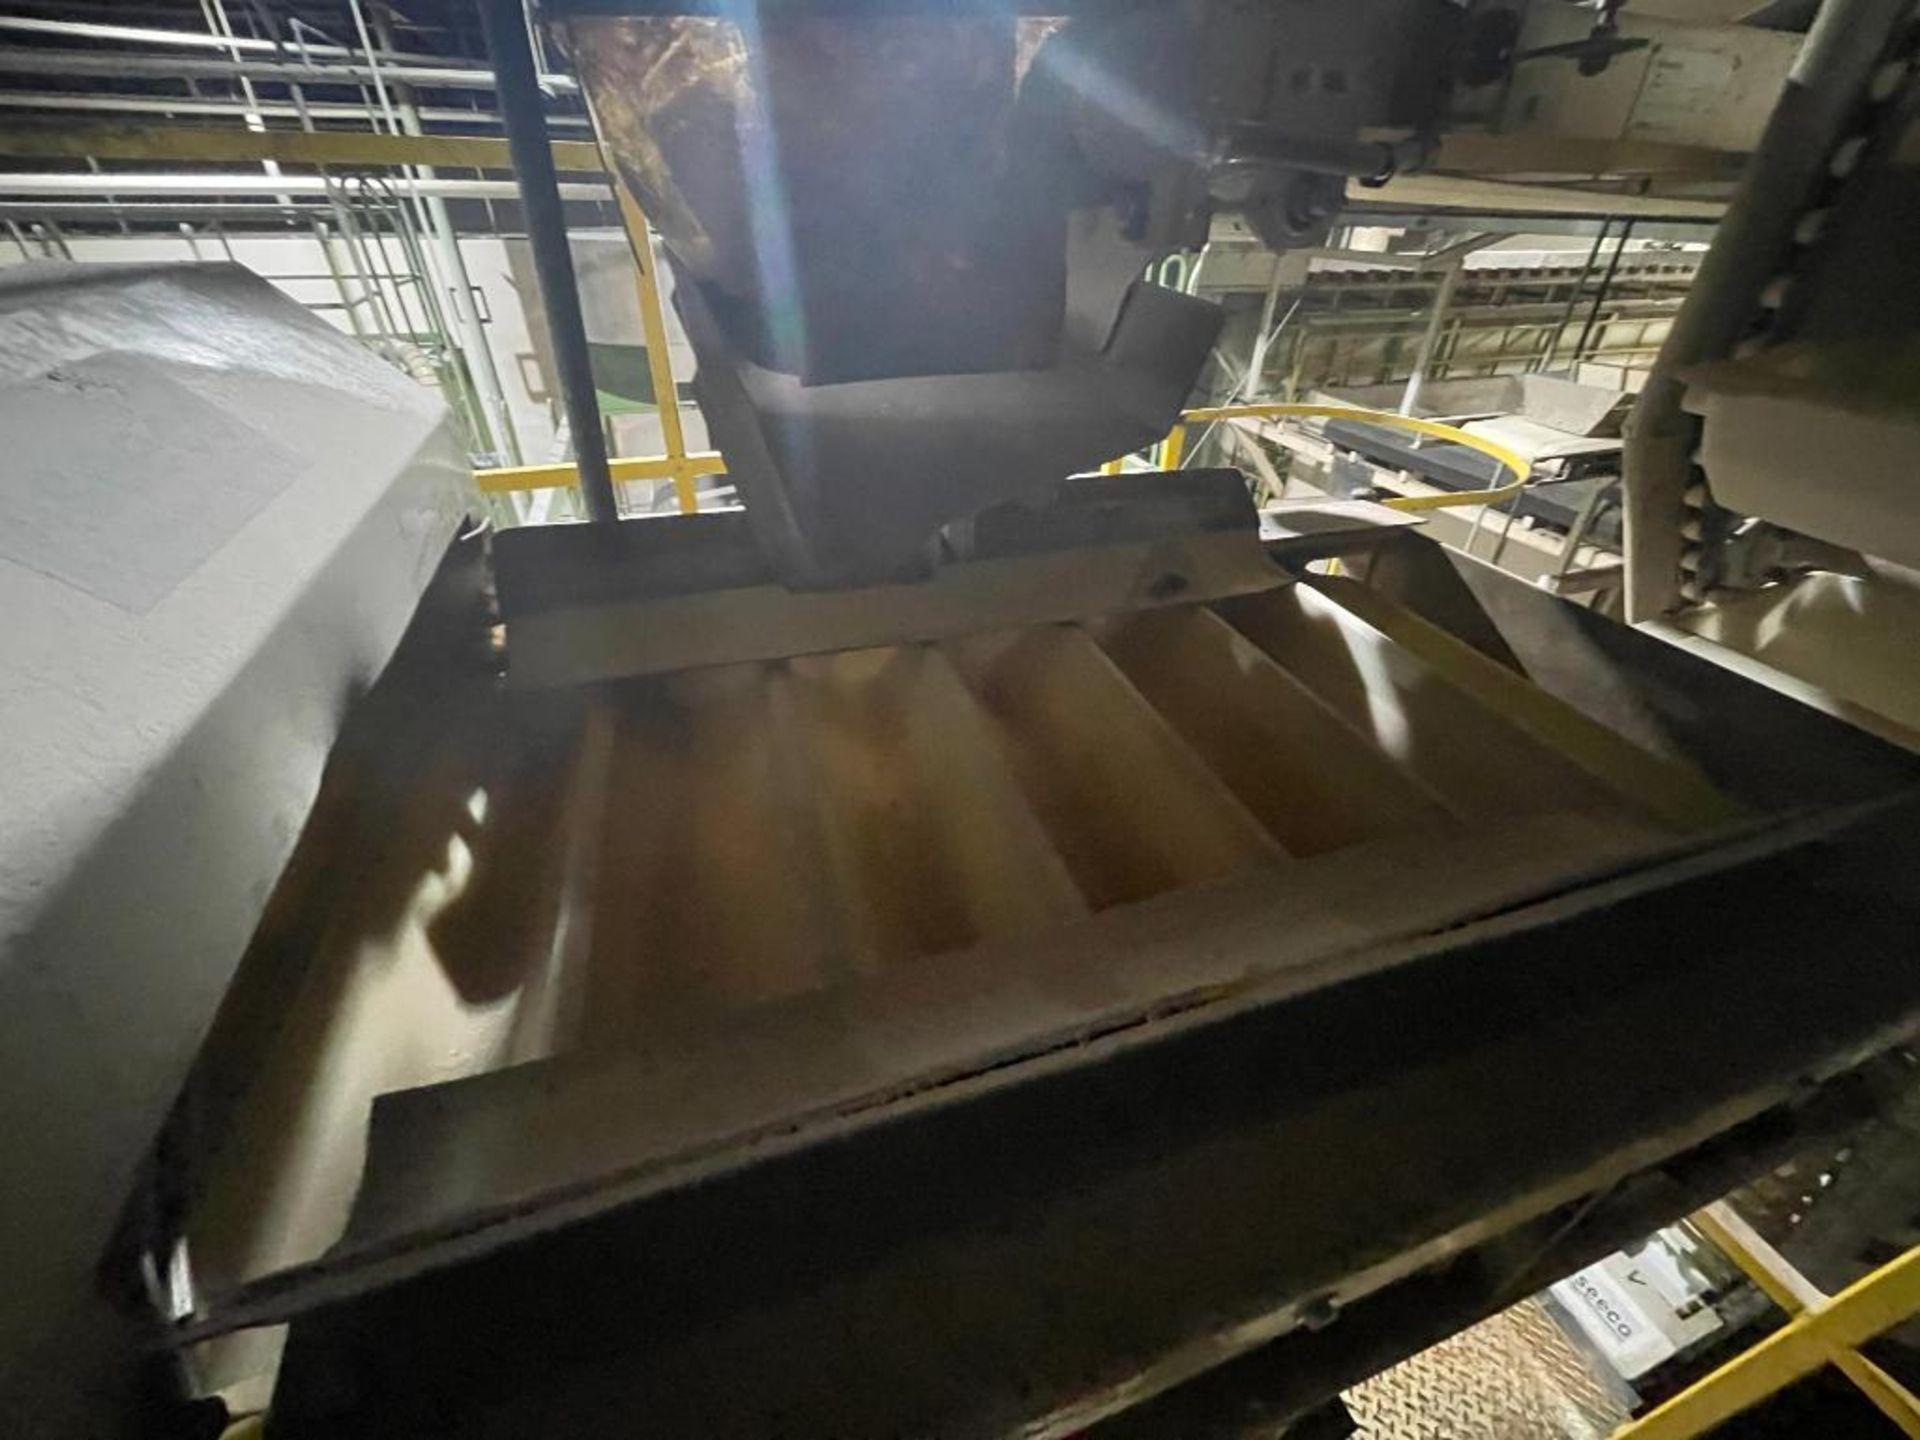 Aseeco horizontal overlapping bucket elevator - Image 8 of 13